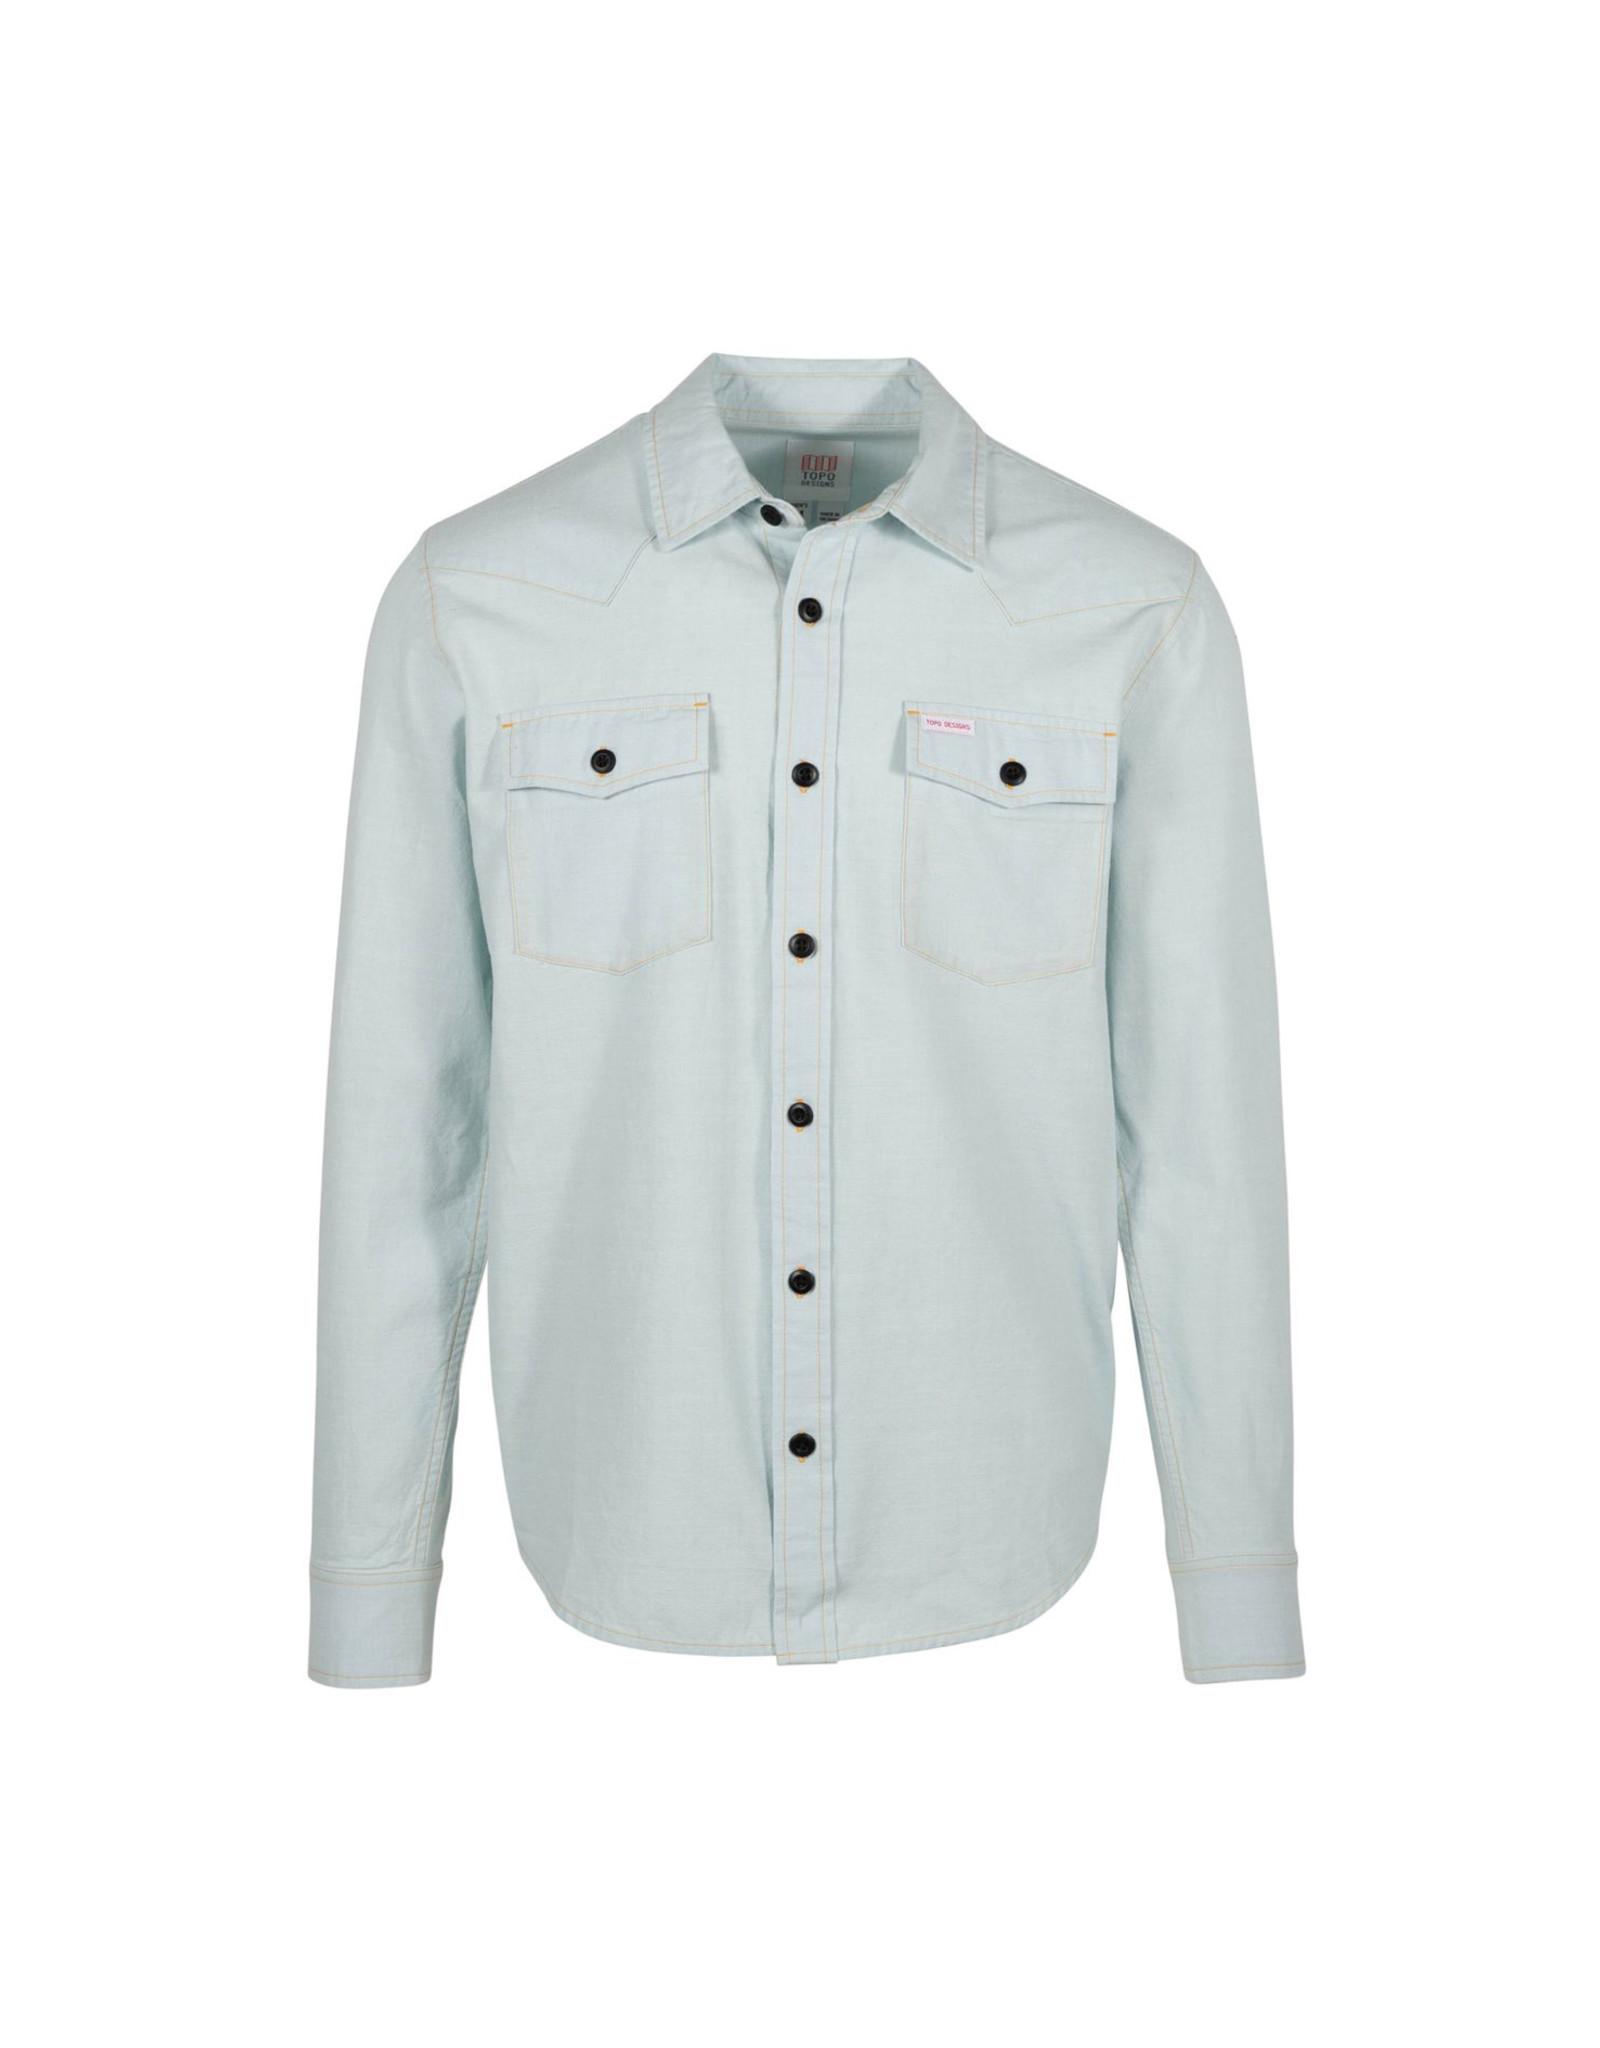 Topo Mountain Shirt - Chambray